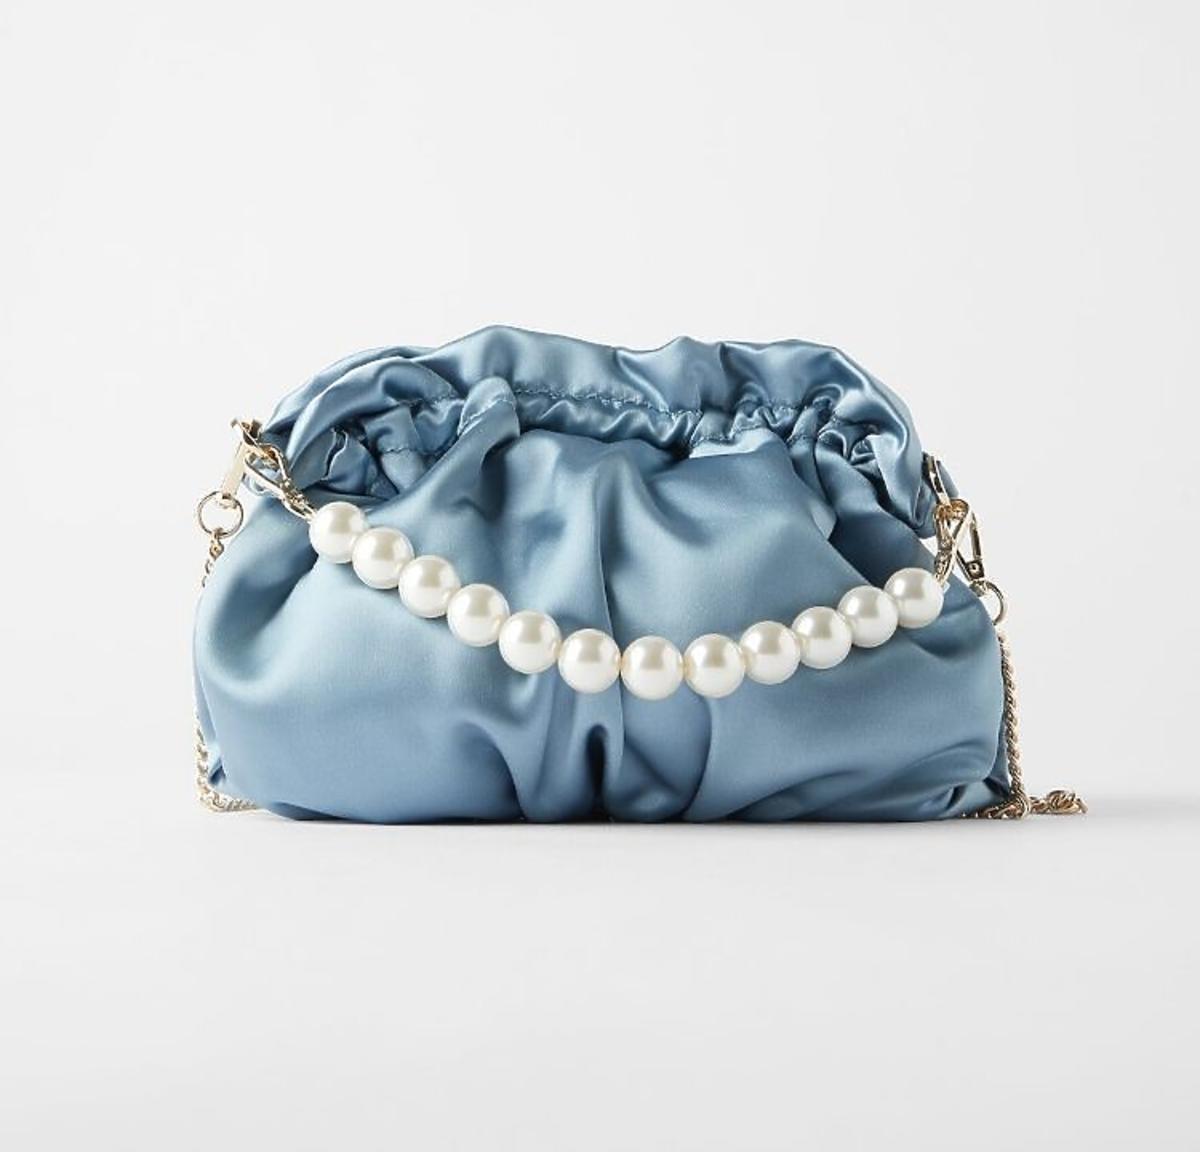 Niebieska torebka z perłami z Zary